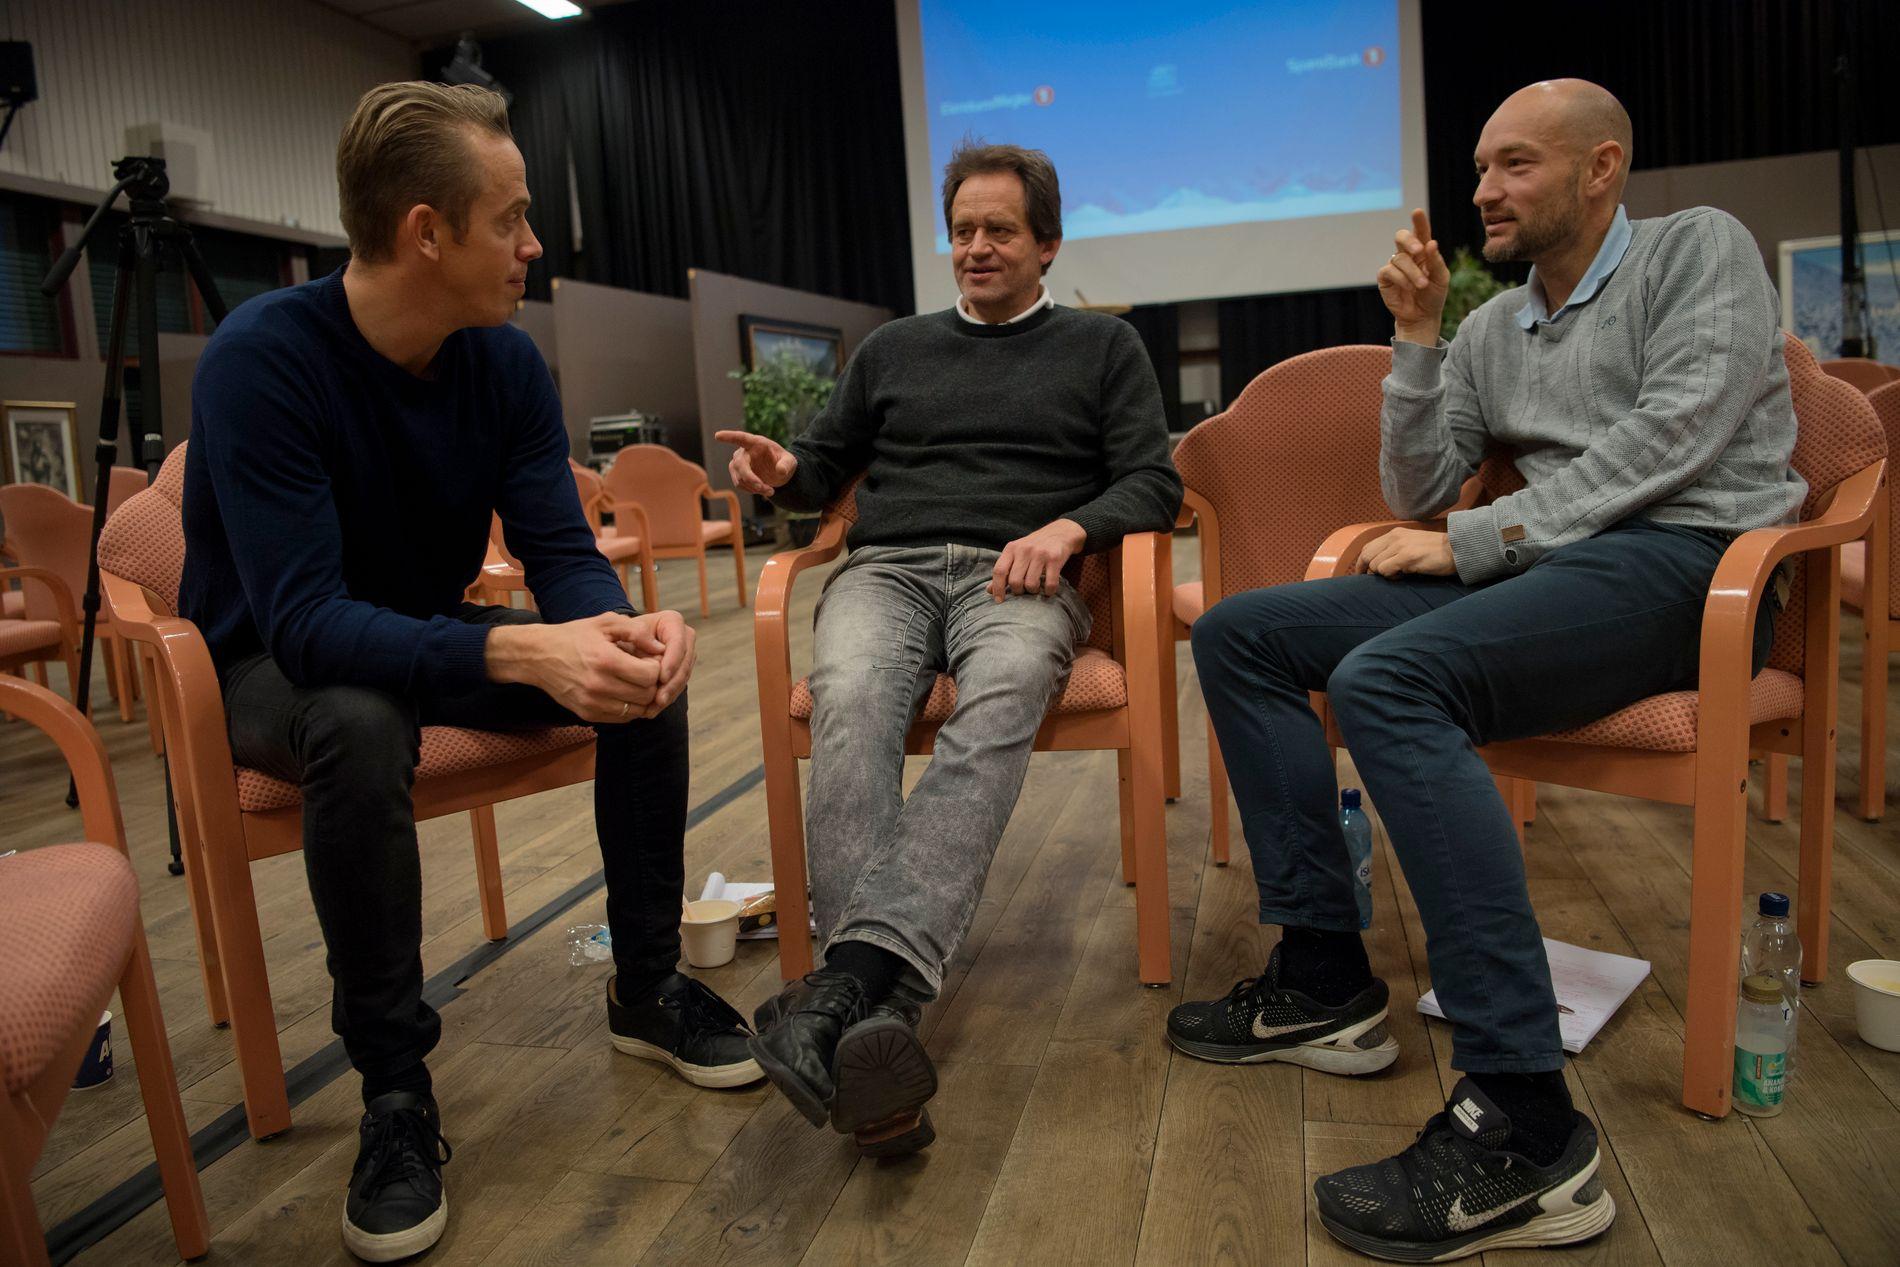 ENGASJERTE: Fredrik Aukland (venstre), Torgeir Bjørn (midten) og Jann Post (høyre) kunne by på den ene kvalifiserte ekspertanalysen etter den andre under presstreffet på Beitostølen onsdag.